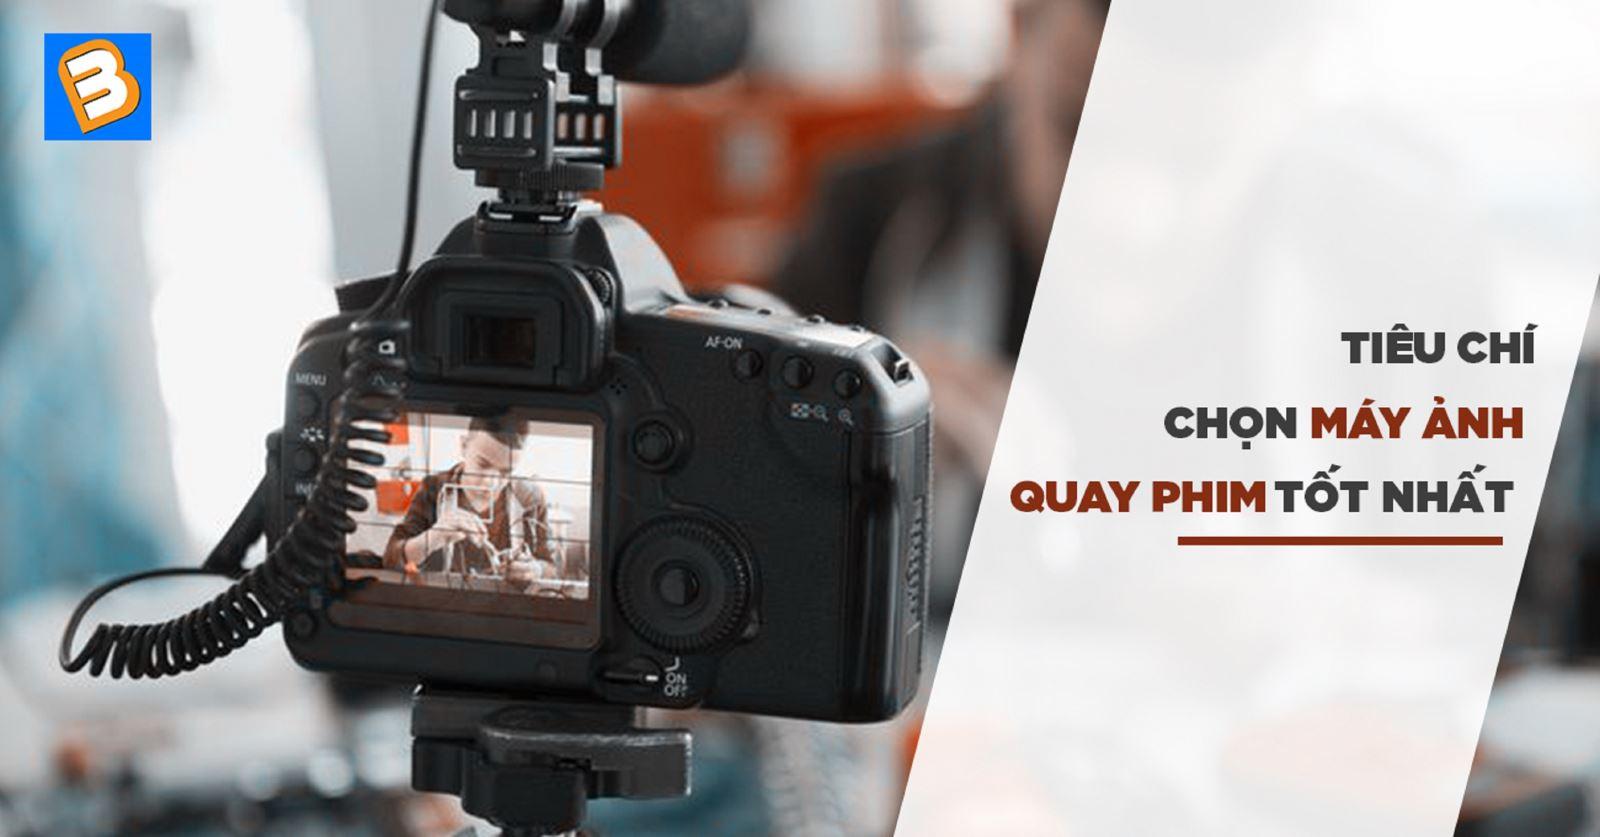 Tiêu chí chọn máy ảnh quay phim tốt nhất